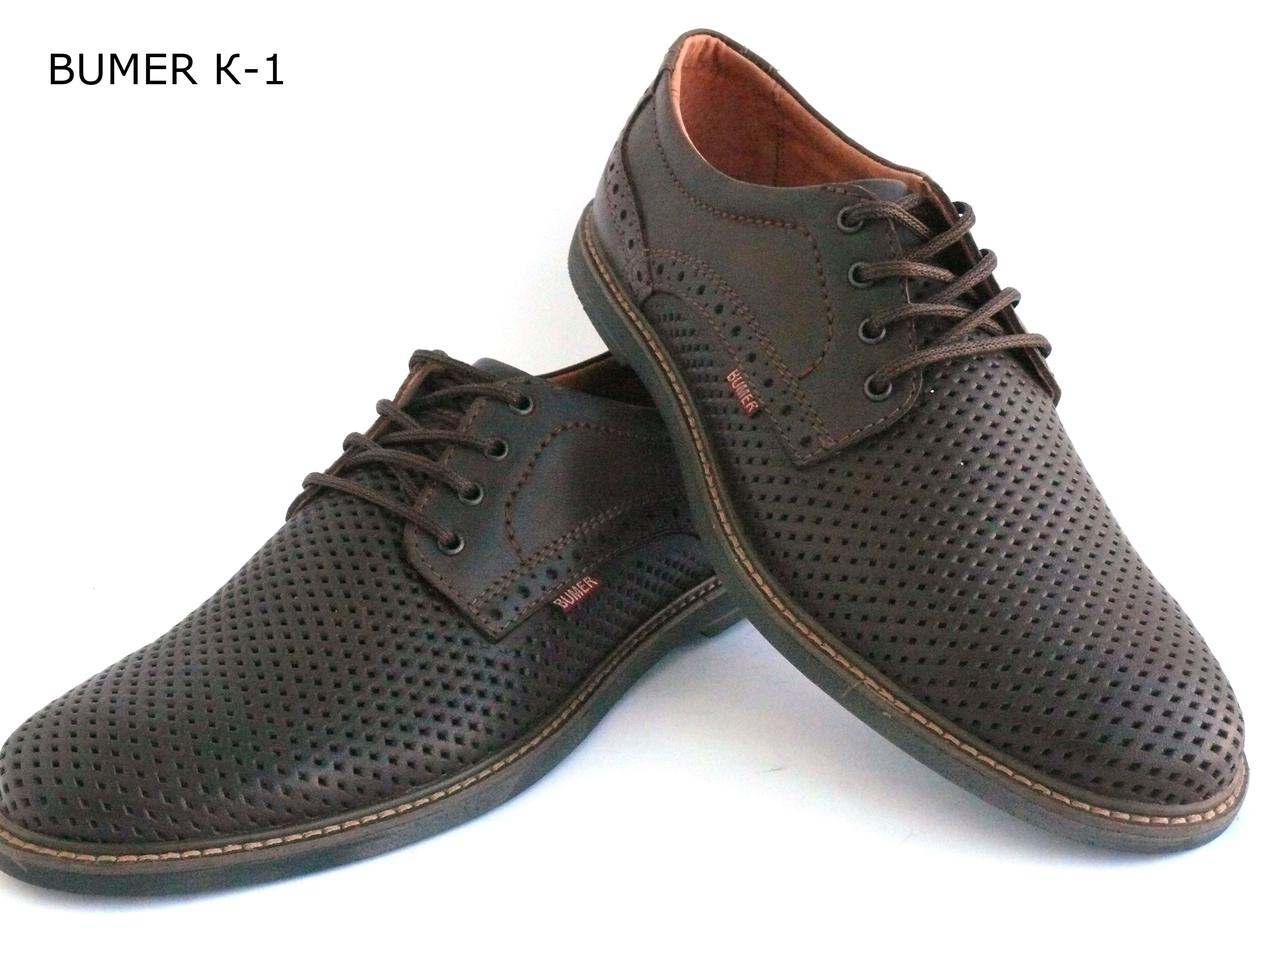 d3b59255c Мужские туфли с натуральной кожи коричневые BUMER р. 40 41 42 43 44 ...